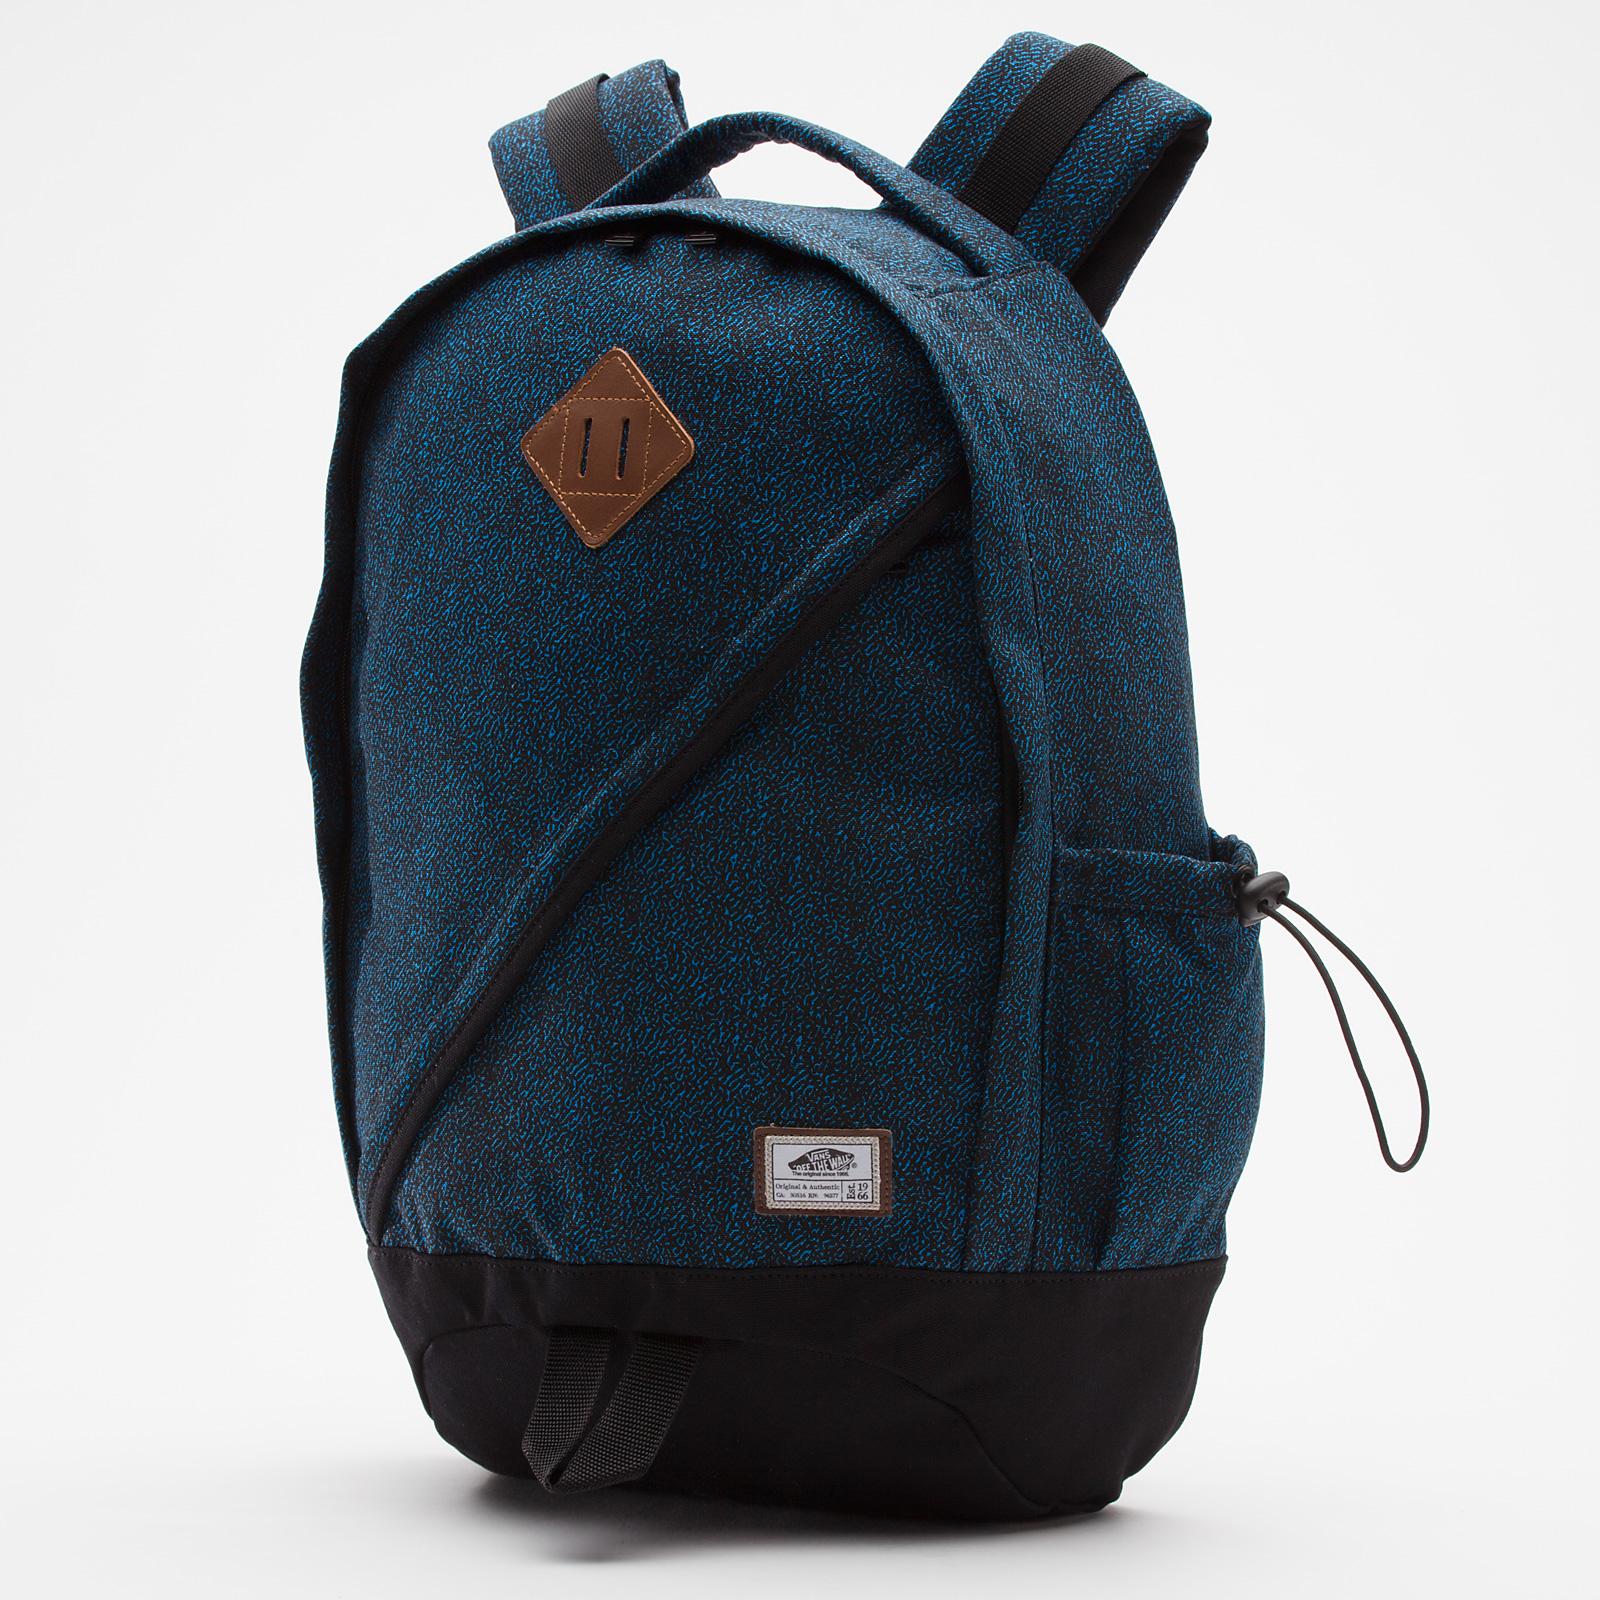 Vans Gannett BackpackJPG